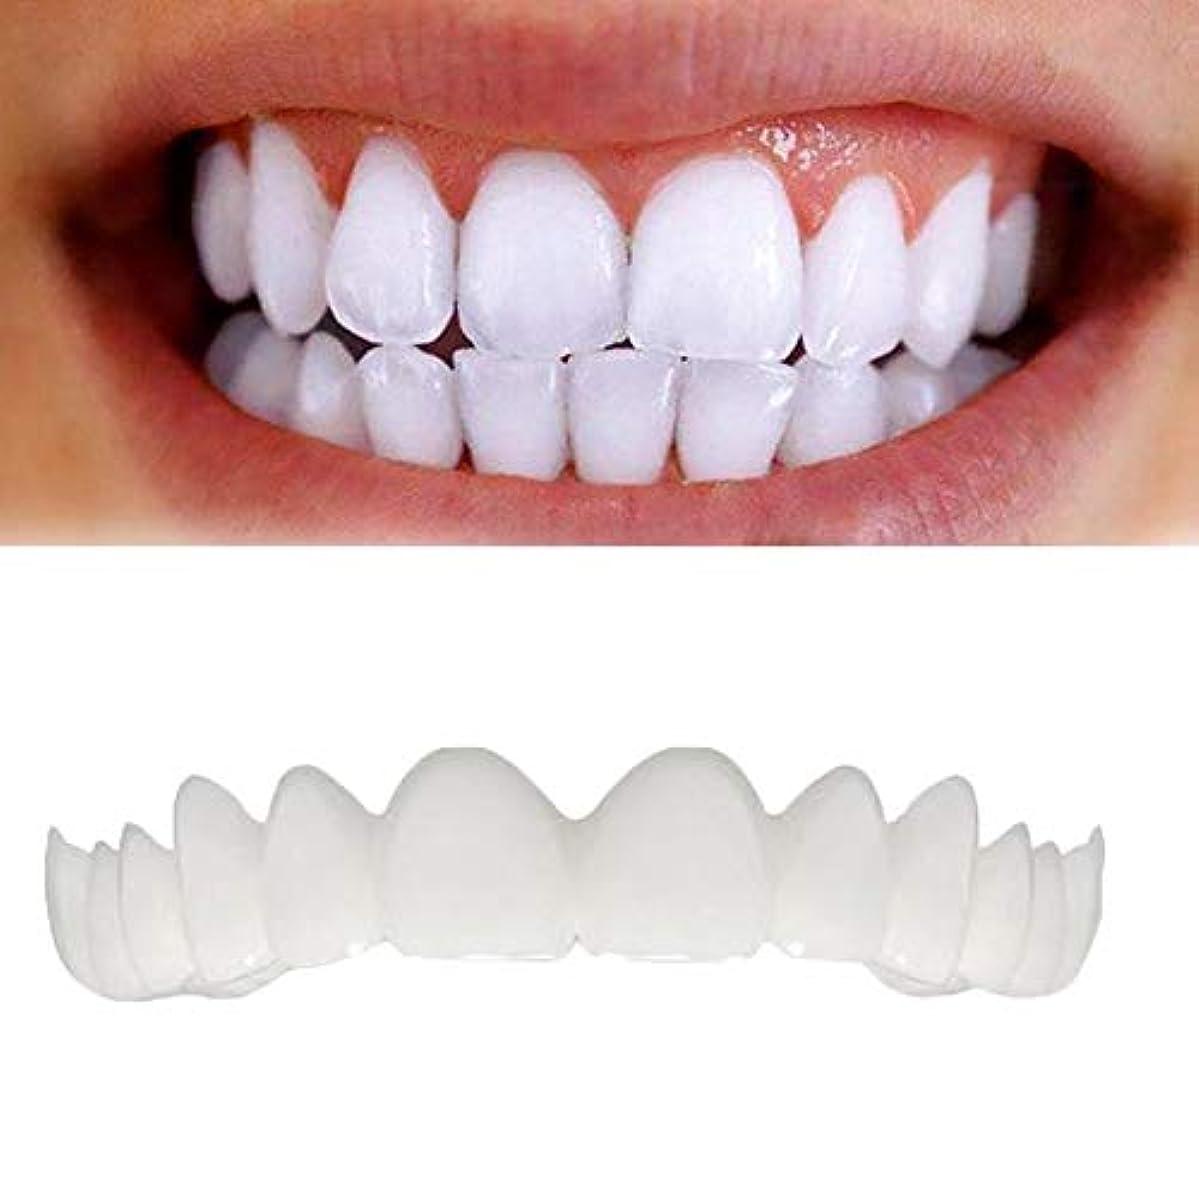 叫ぶ歯車フライト3組の一時的な化粧品の歯入れ歯の歯の化粧品のシミュレーションのブレースの上部のブレース+下部のブレース、瞬時に快適な柔らかい完璧なベニヤ,3Upperteeth+Lowerteeth